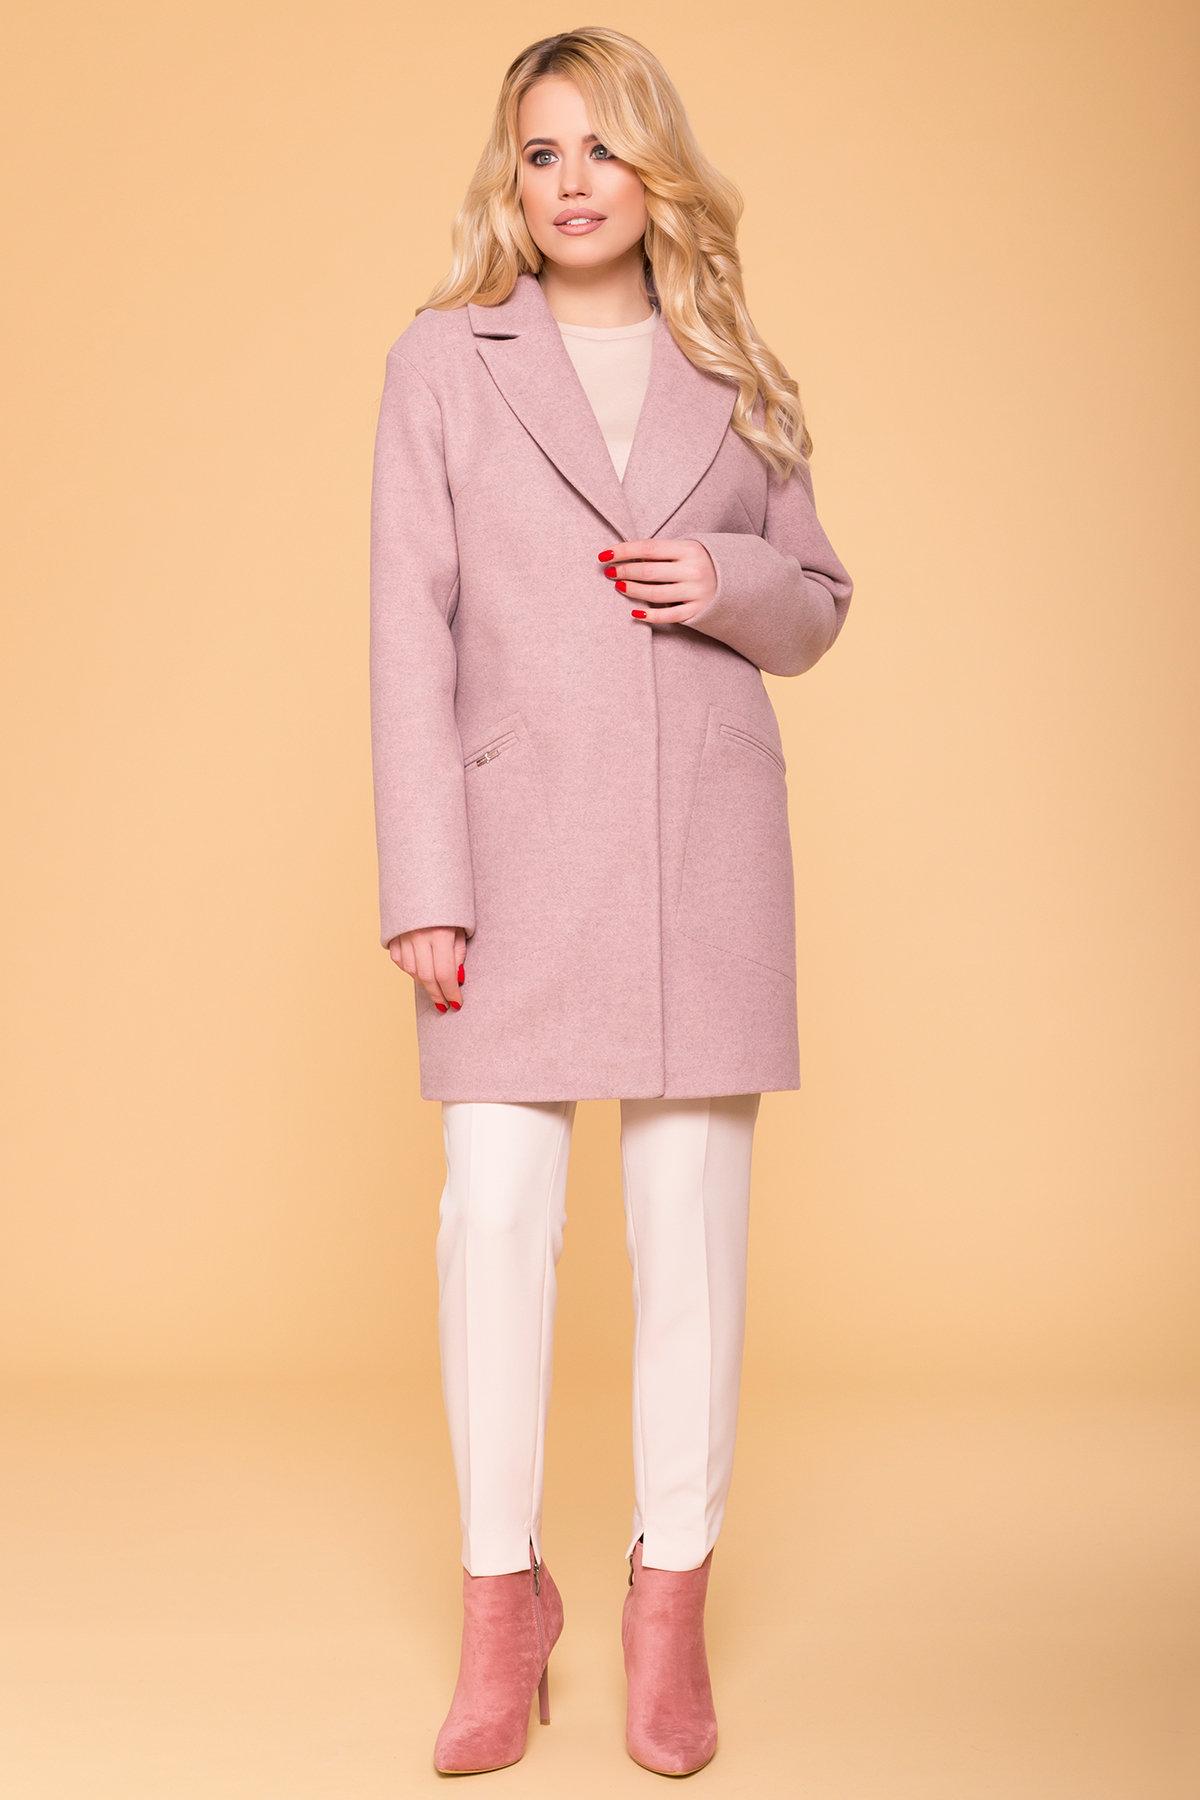 Пальто Ждана Лайт 6231 Цвет: Пудра 91